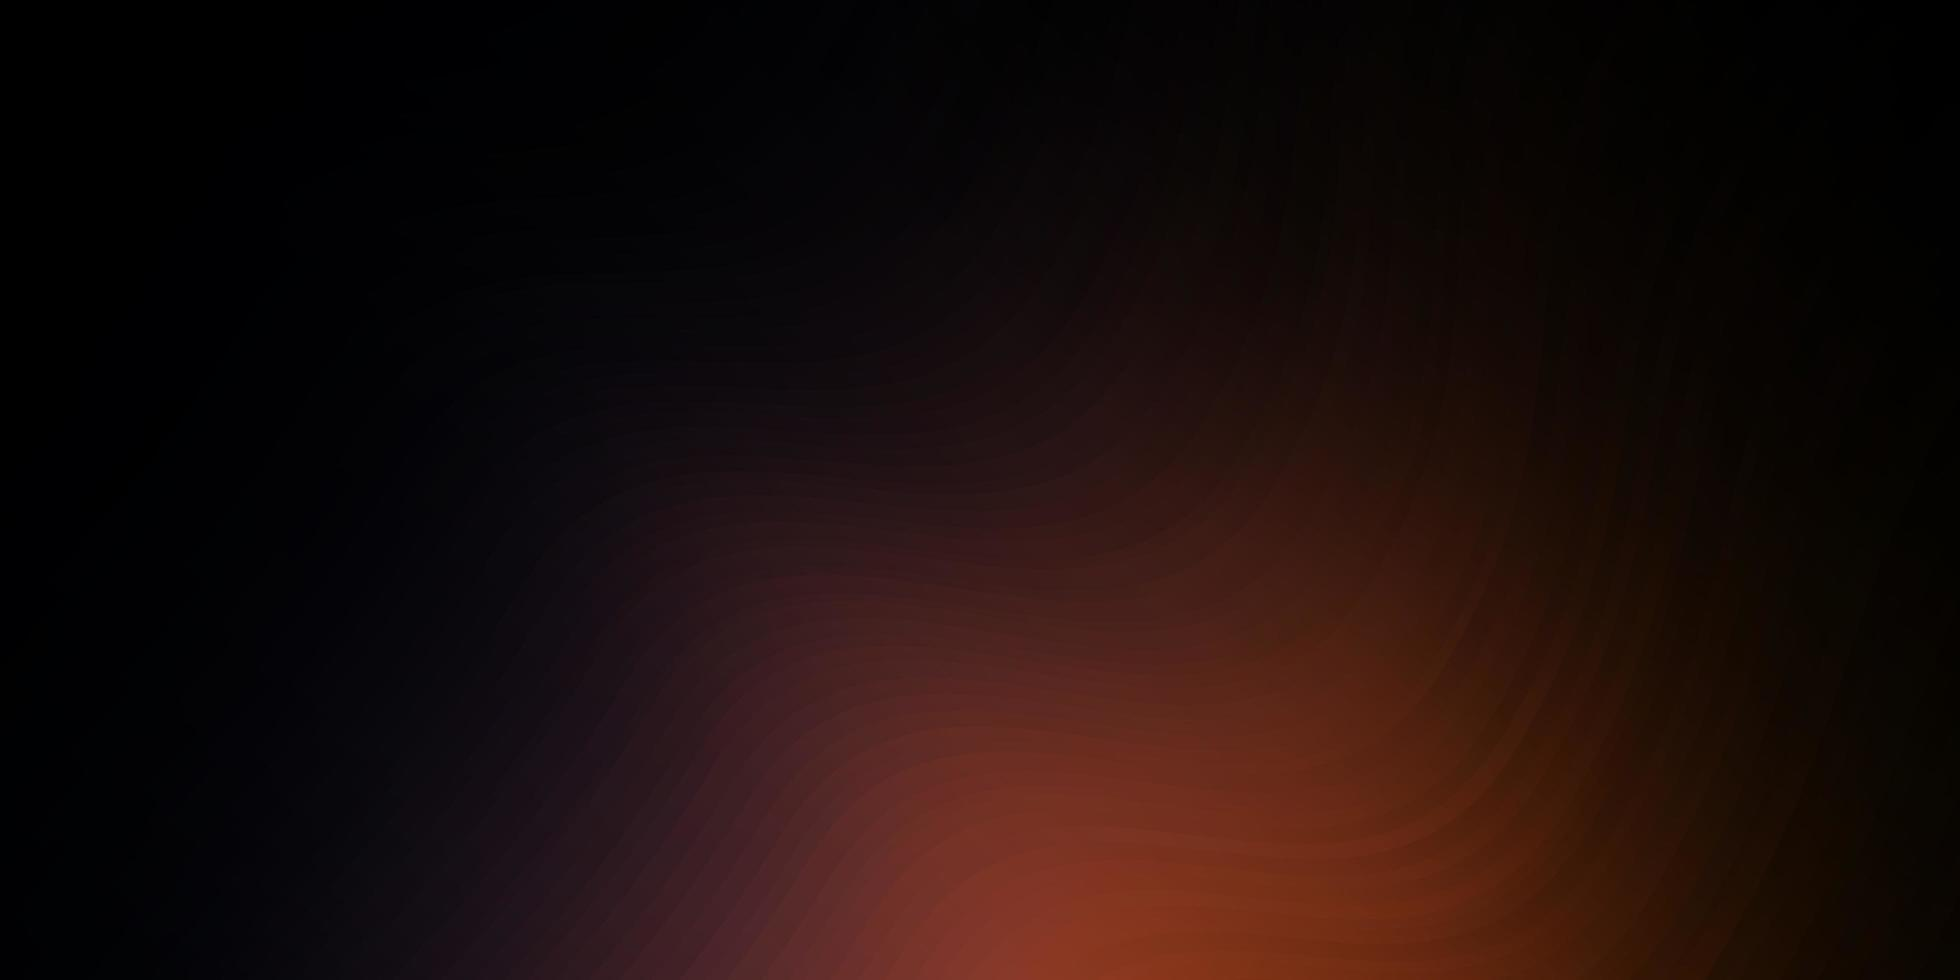 sfondo vettoriale rosa scuro, giallo con curve.